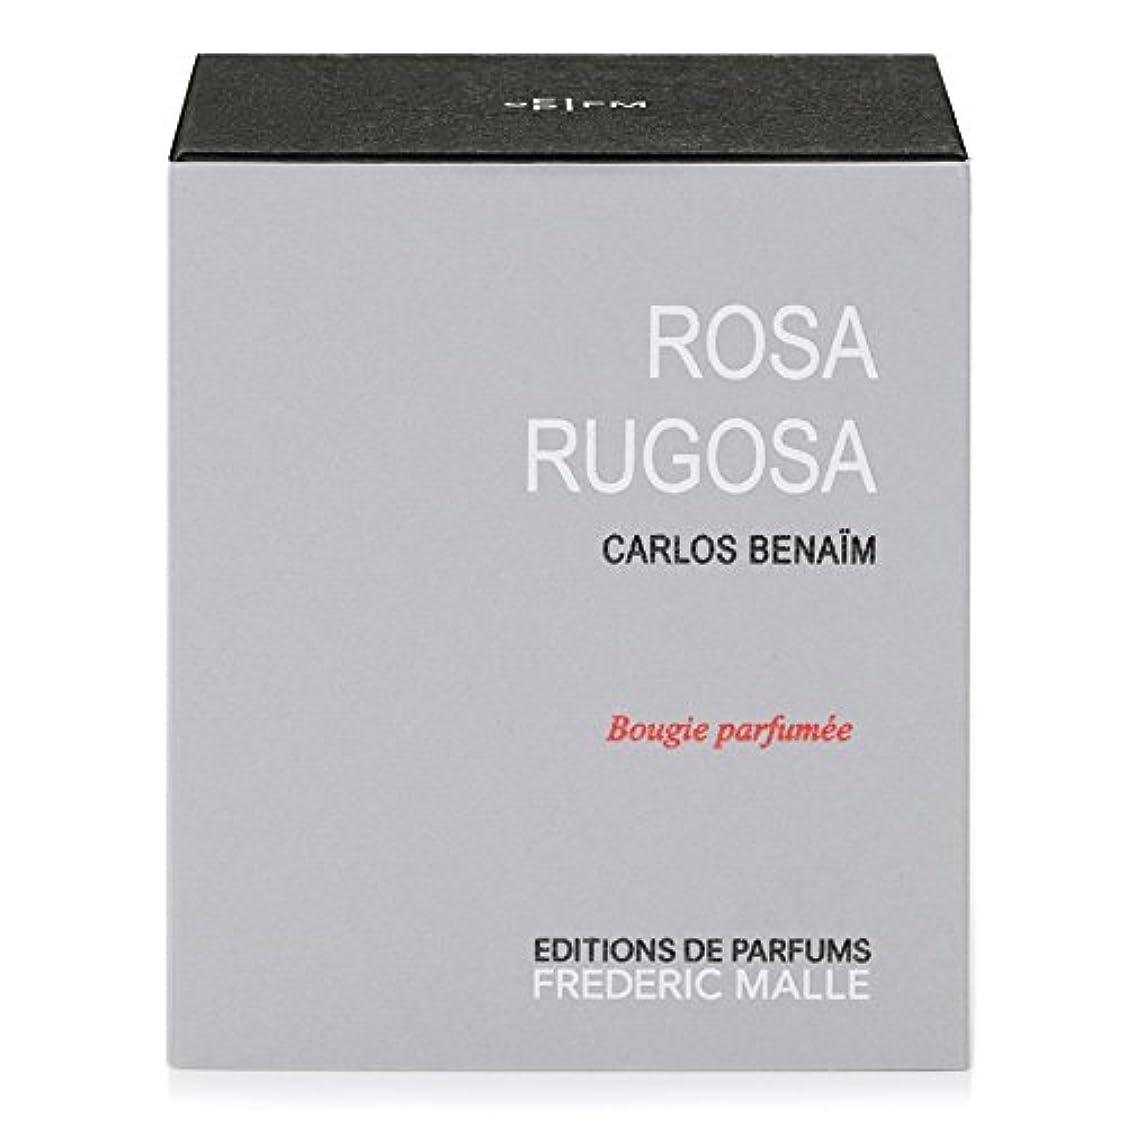 先生支援する貢献Frederic Malle Rosa Rugosa Scented Candle (Pack of 2) - フレデリック?マルハマナスの香りのキャンドル x2 [並行輸入品]